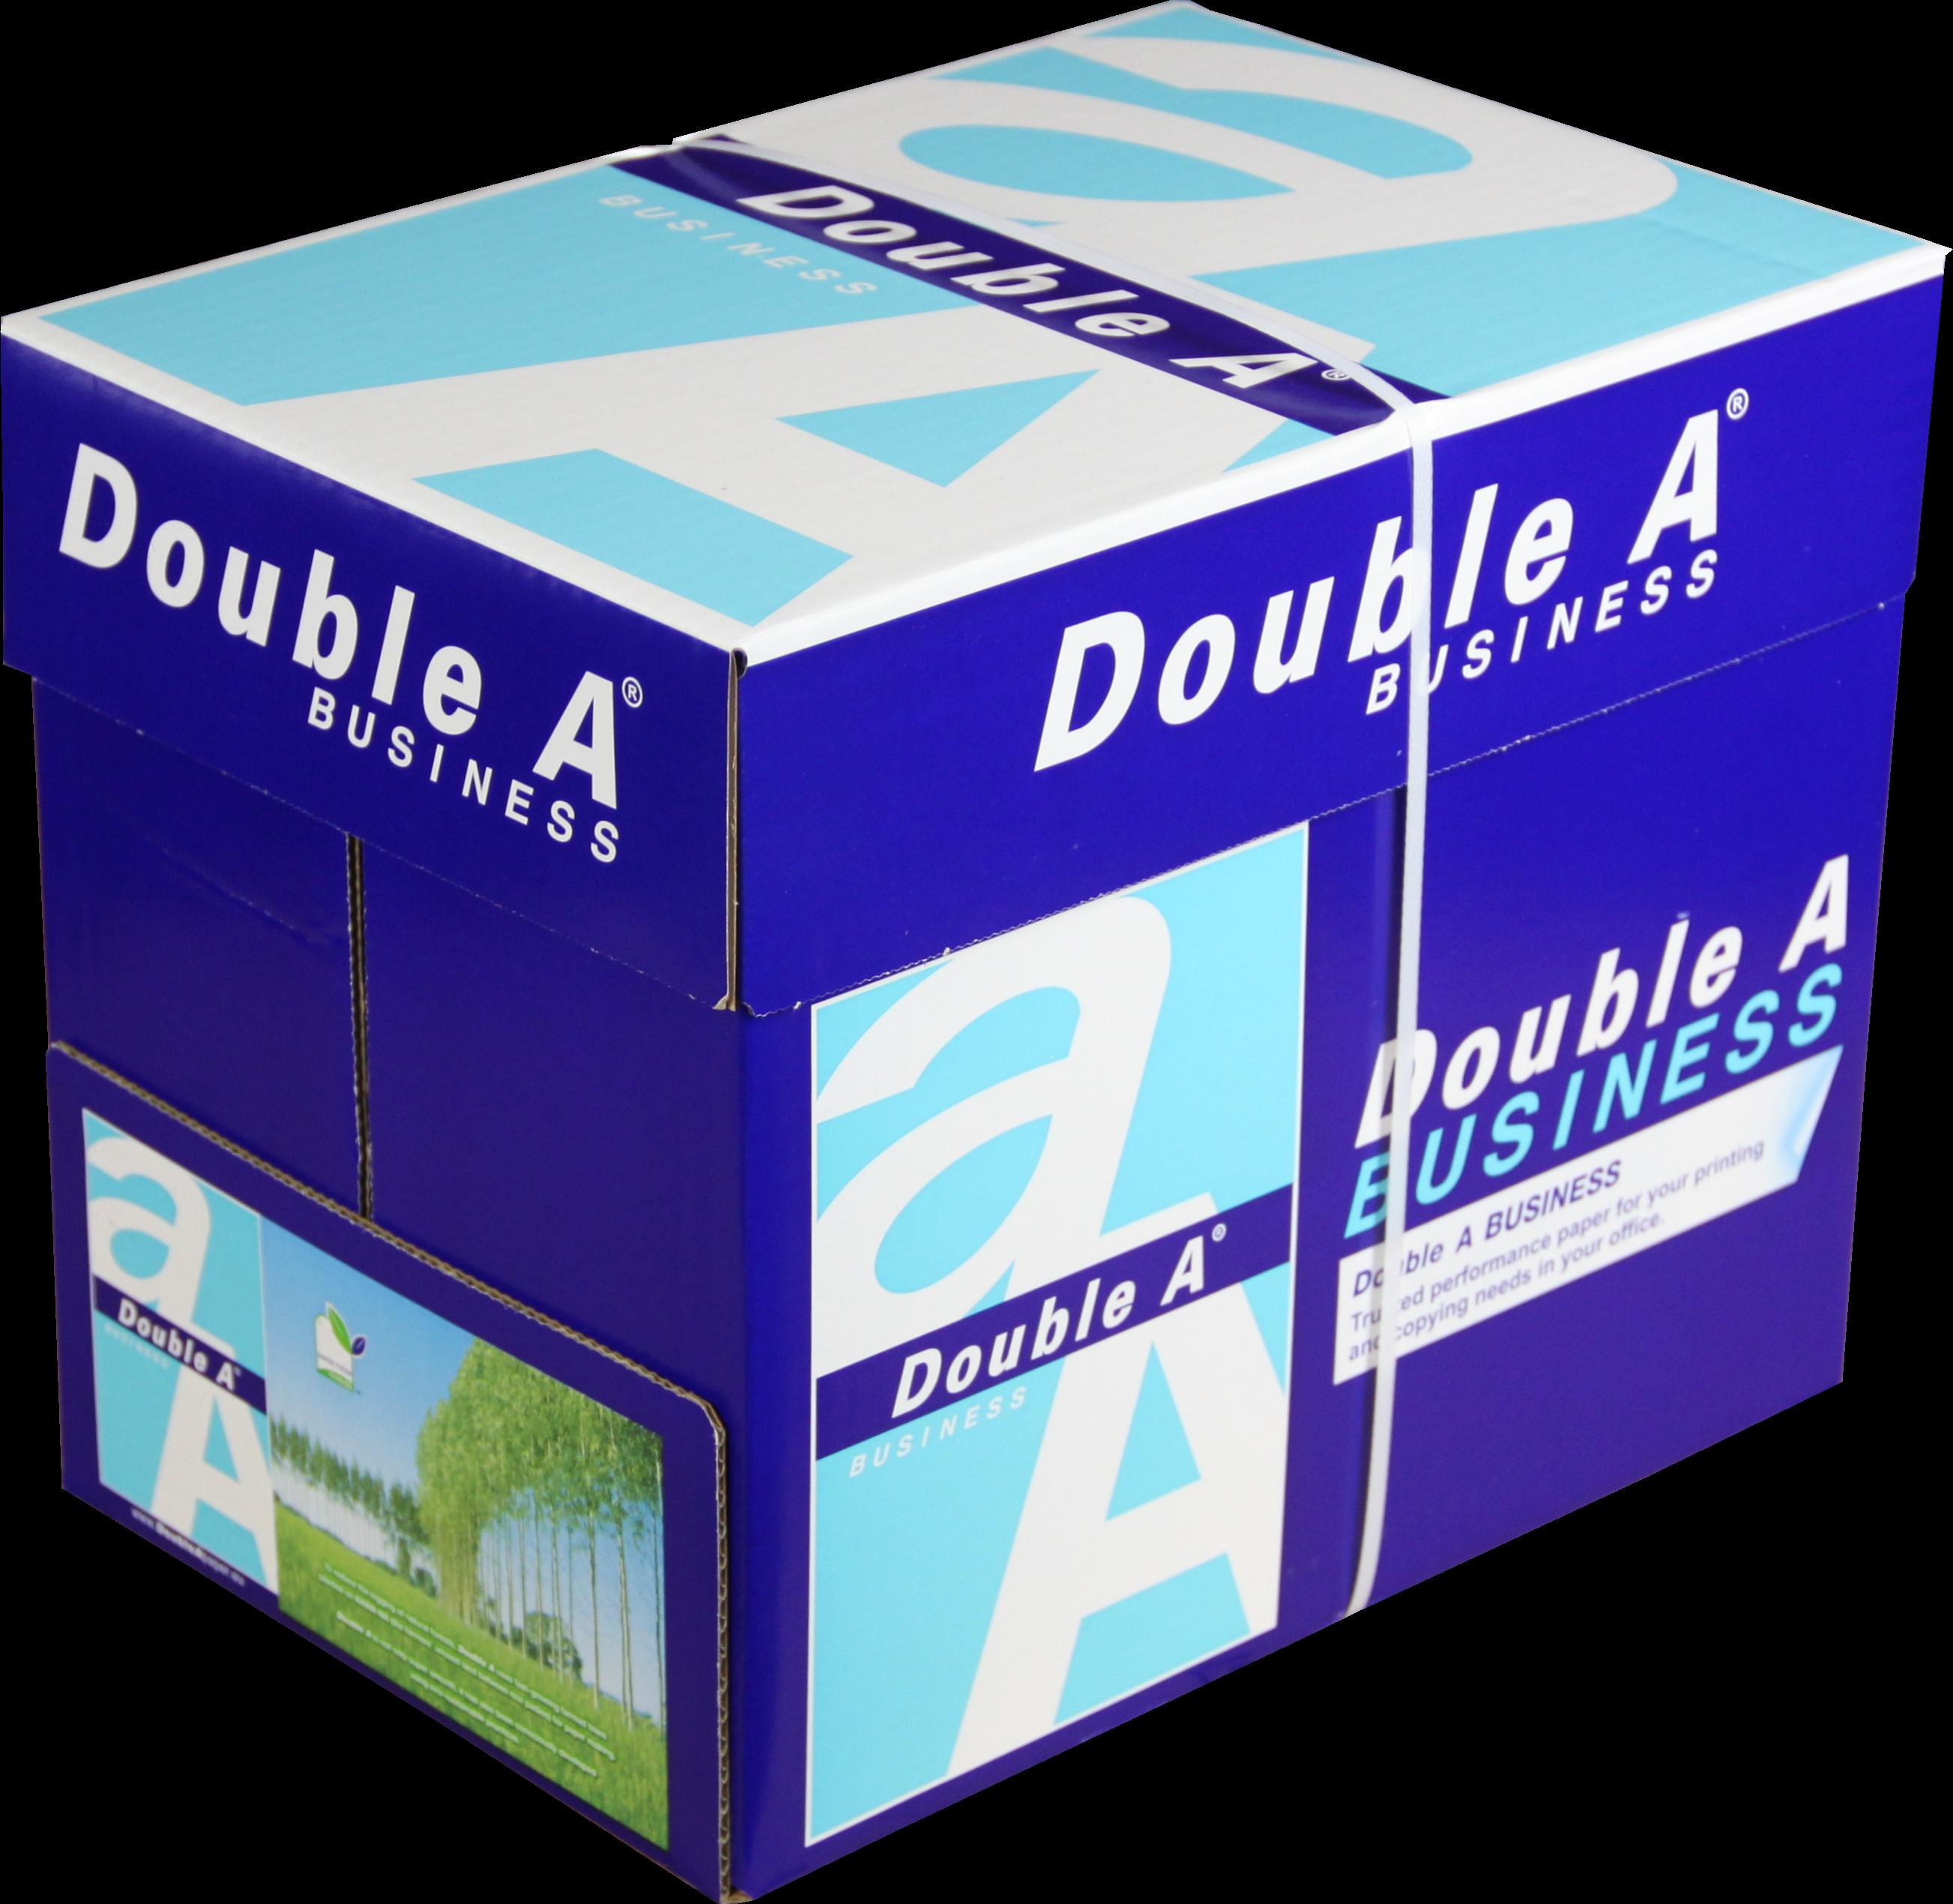 Double A Business A4 Papier 5 pakken (75 grams) wit